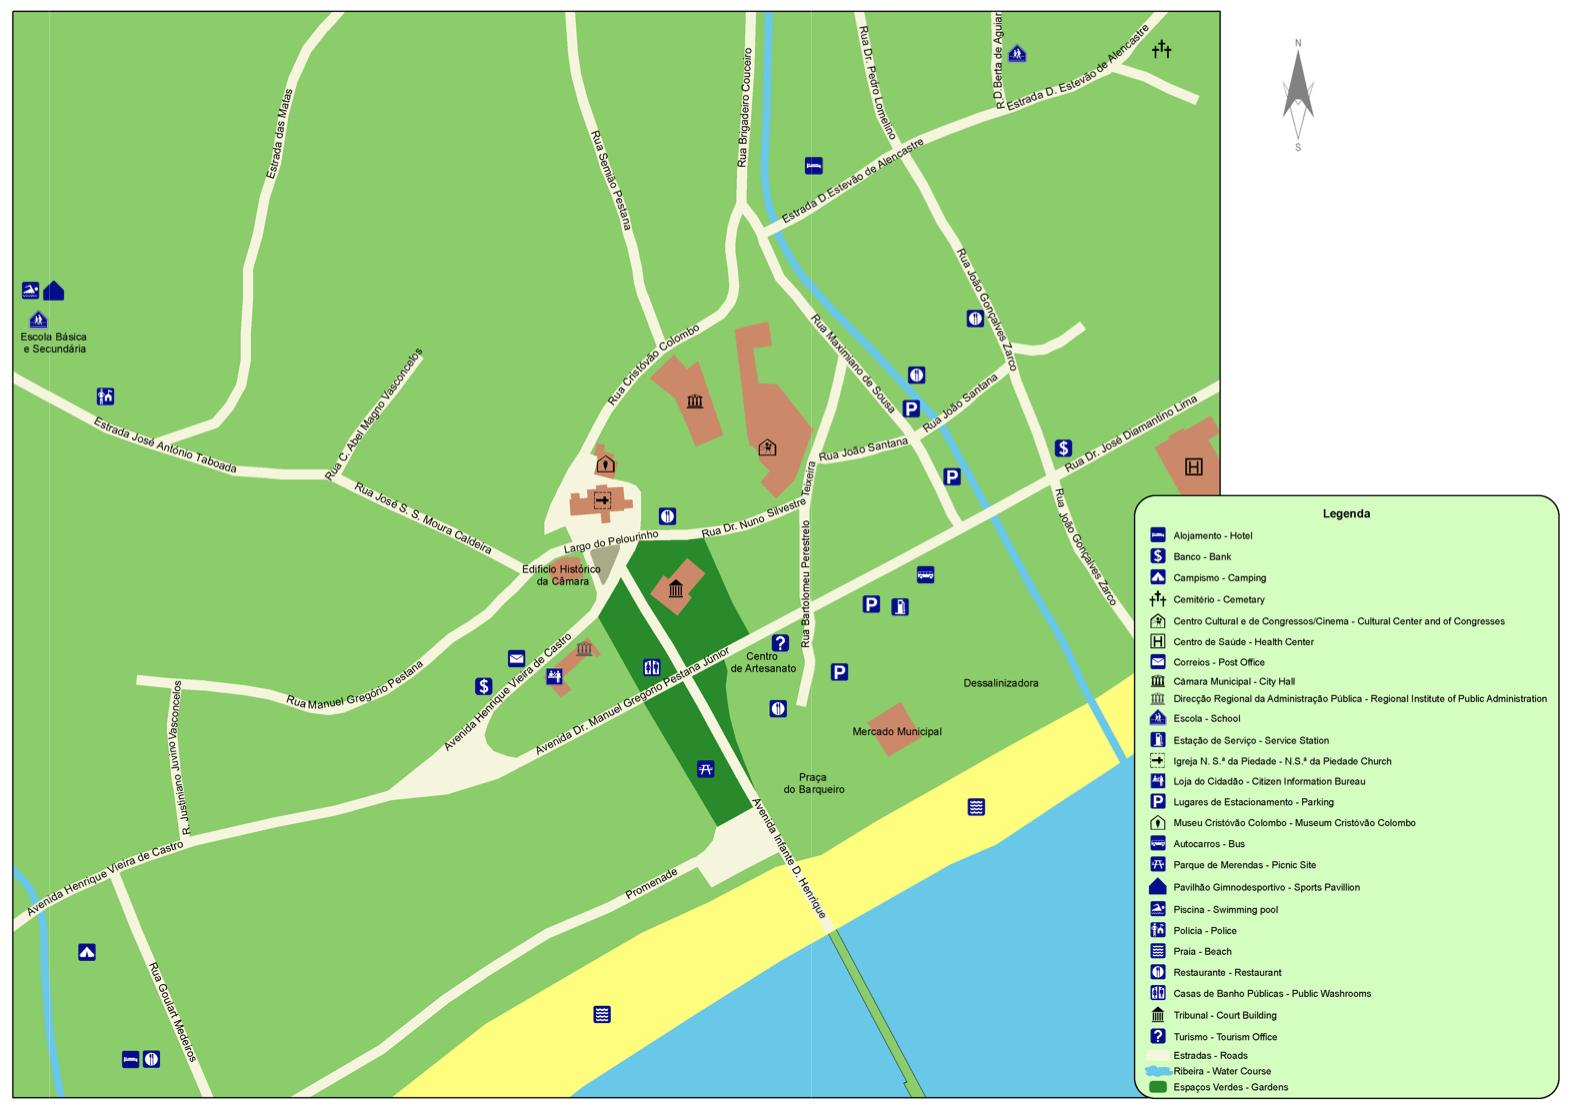 mapa porto santo ruas Mapa | Município mapa porto santo ruas